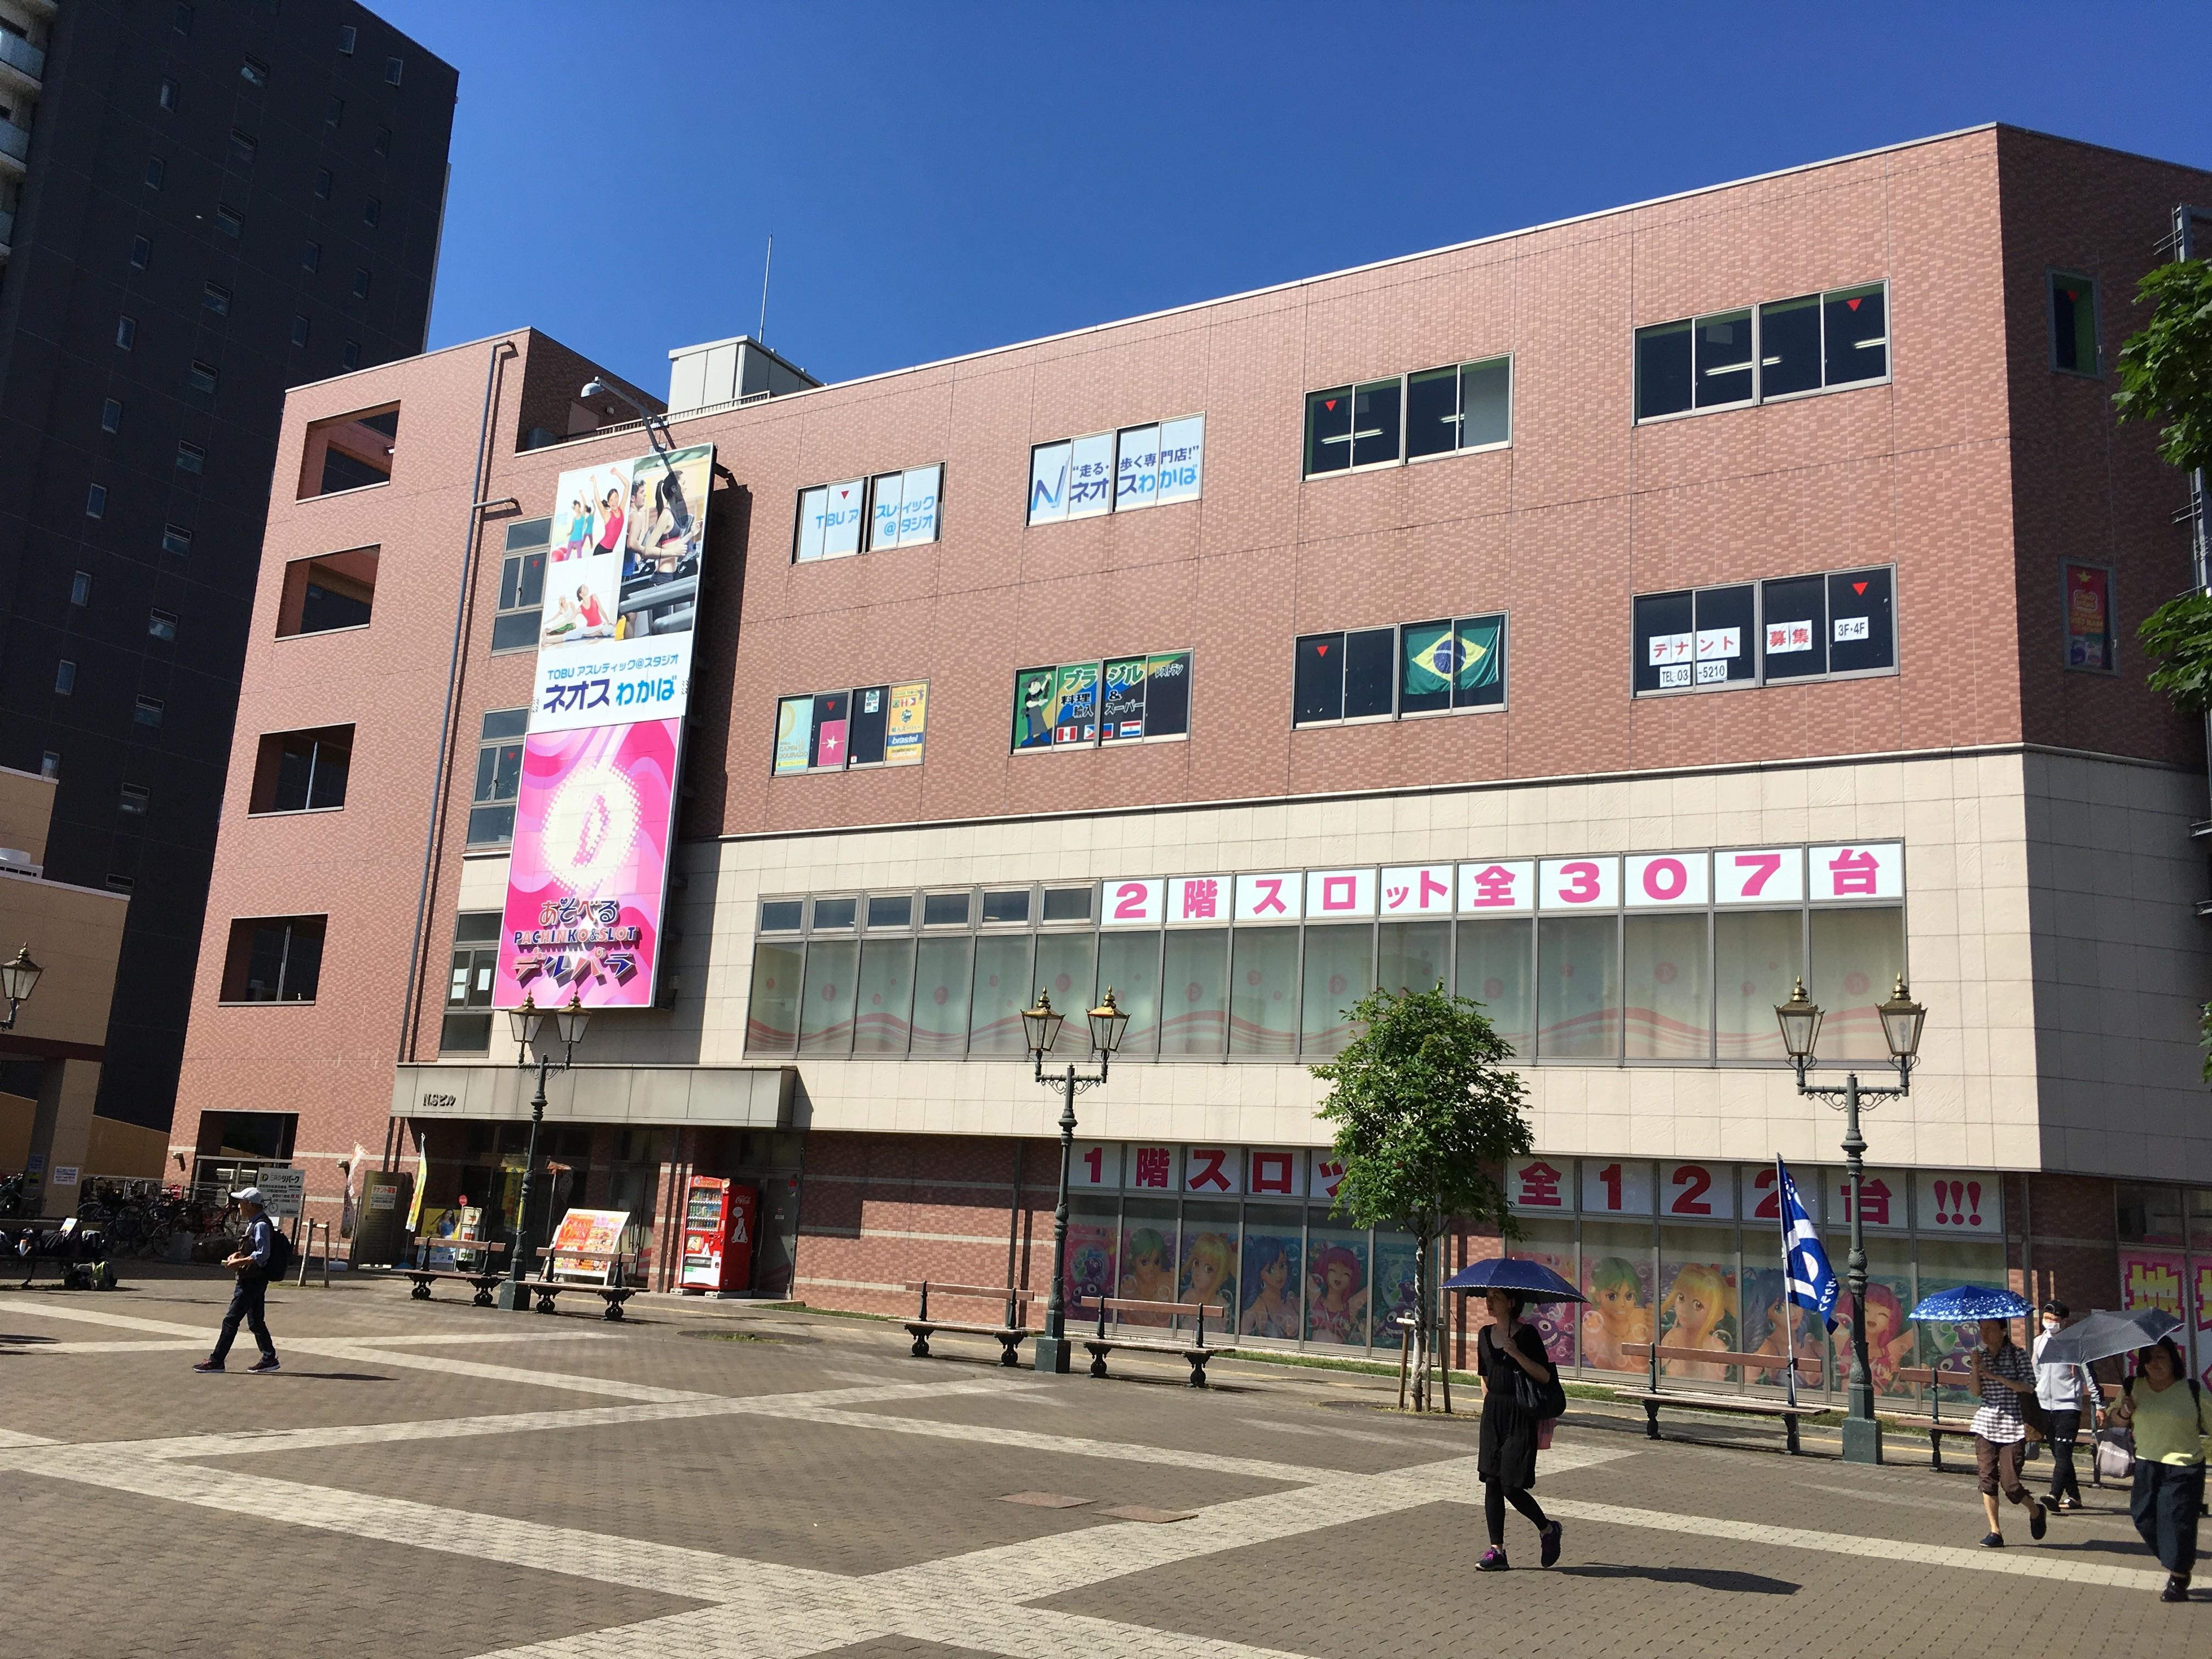 若葉駅西口広場(スタート)